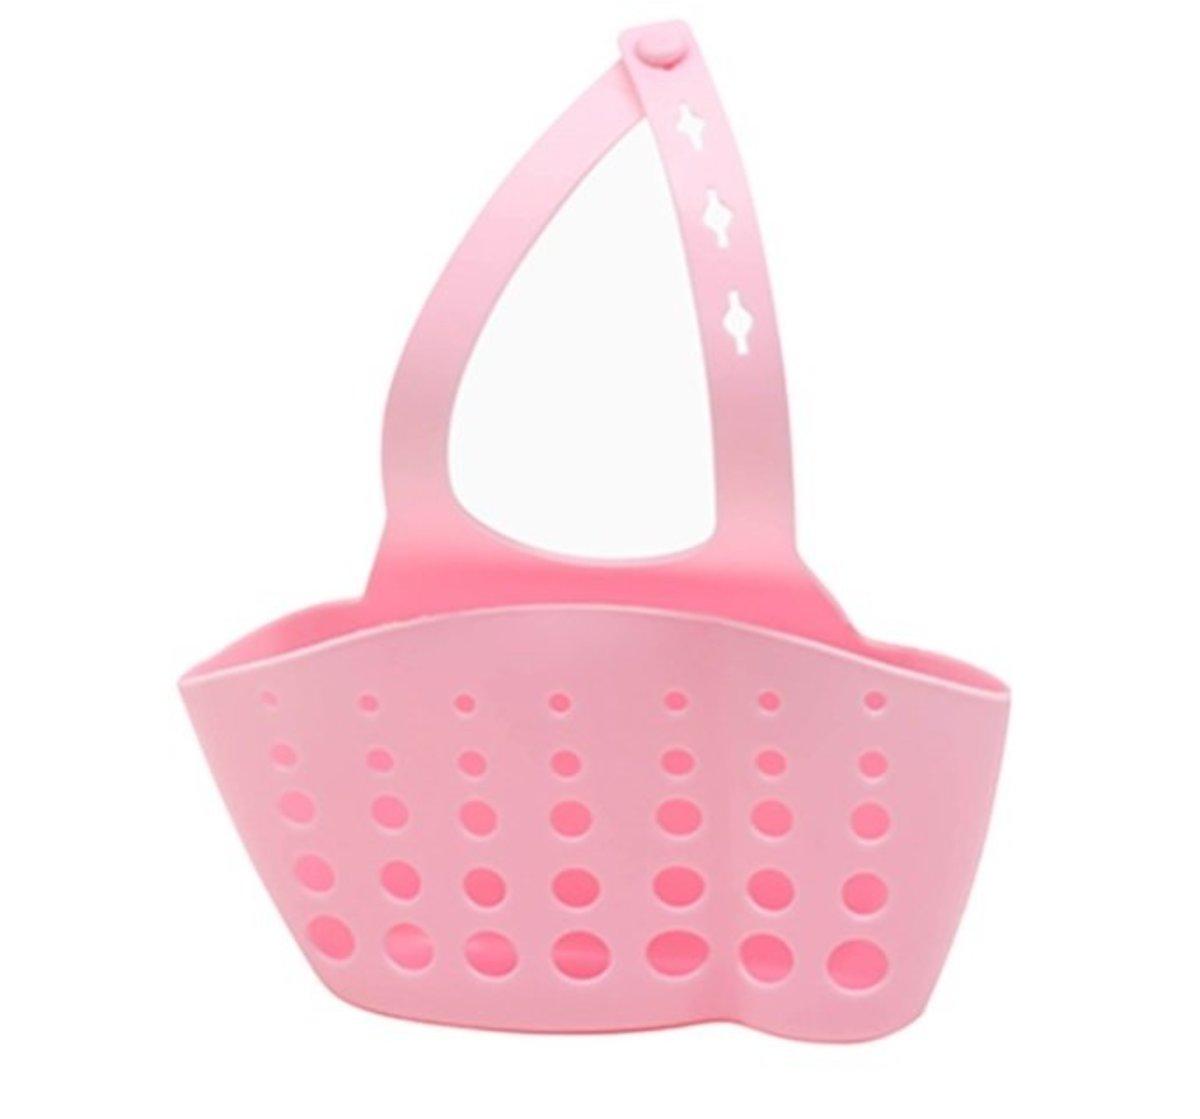 可調節按扣式水槽收納掛籃 (pink) (長10x闊4x高8cm)